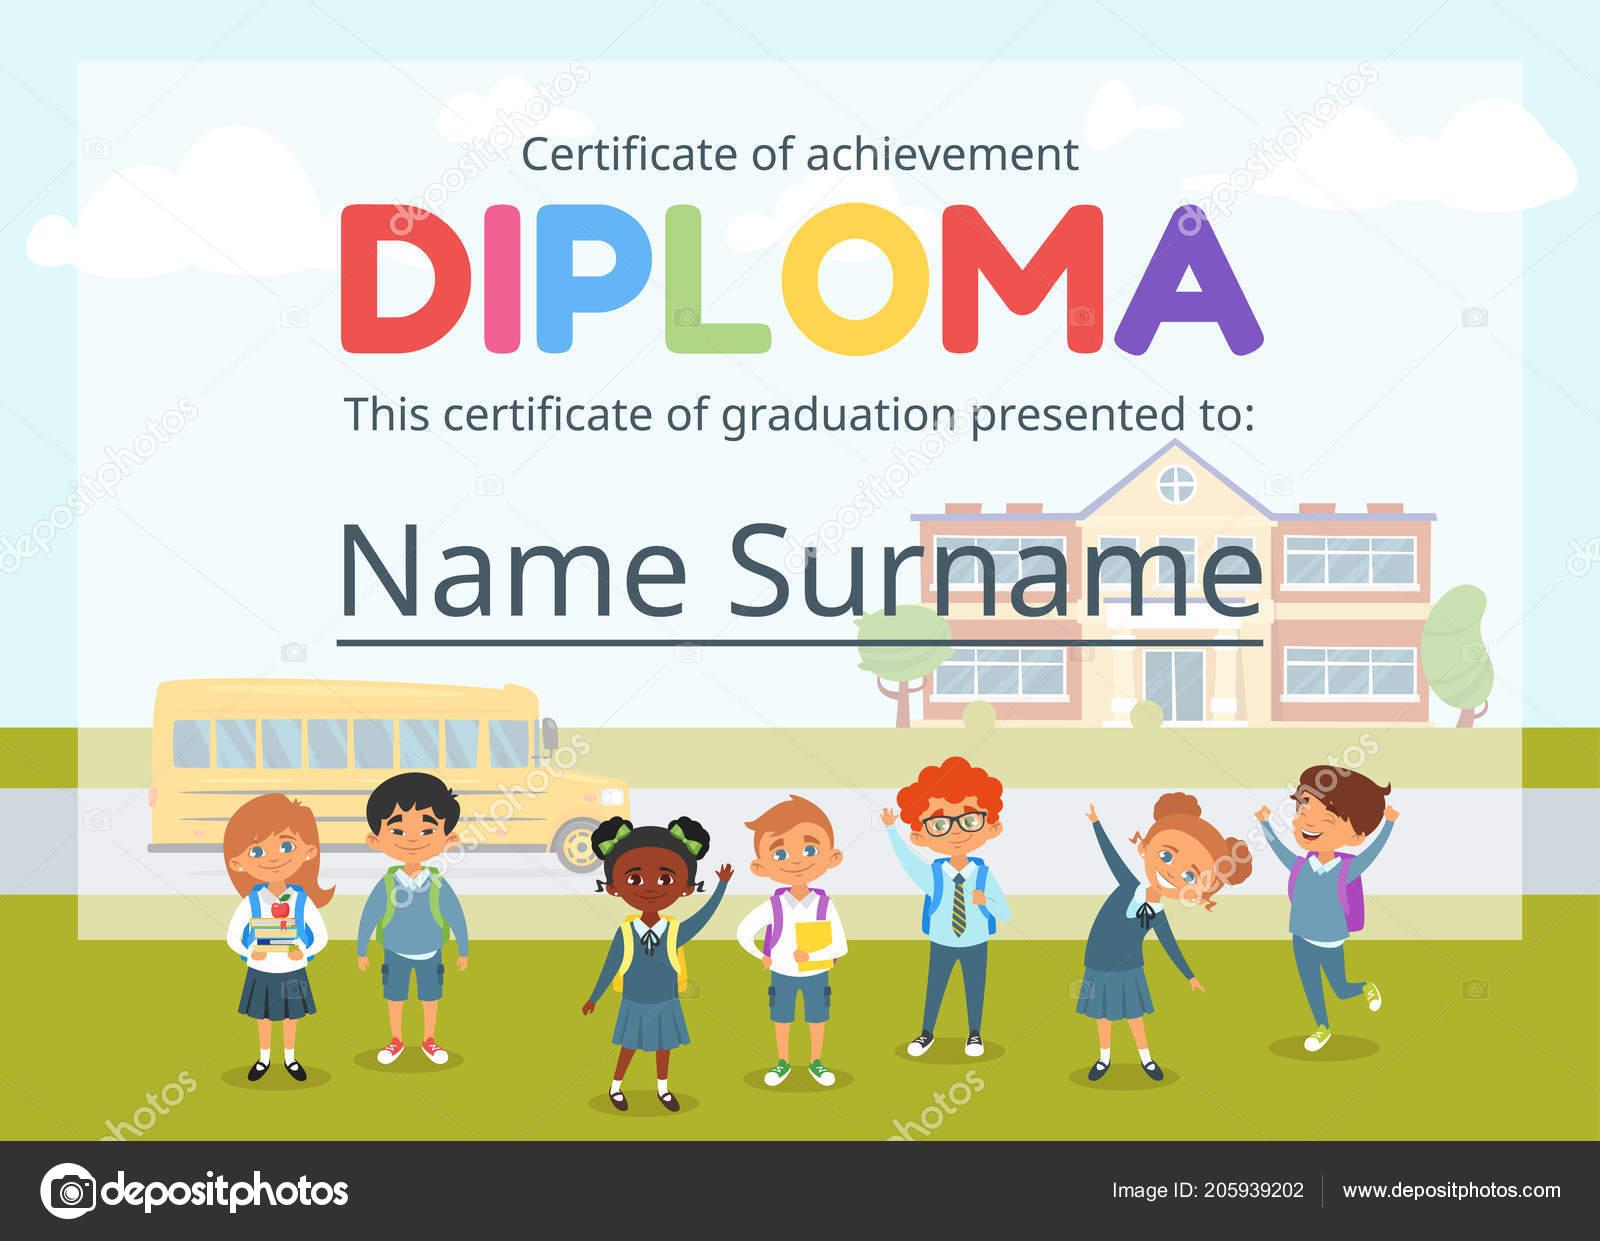 certificado de diploma de crianças para o pré escolar \u2014 vetores devetor desenho animado estilo modelo de layout para certificado de diploma de crianças para o jardim de infância ou pré escola